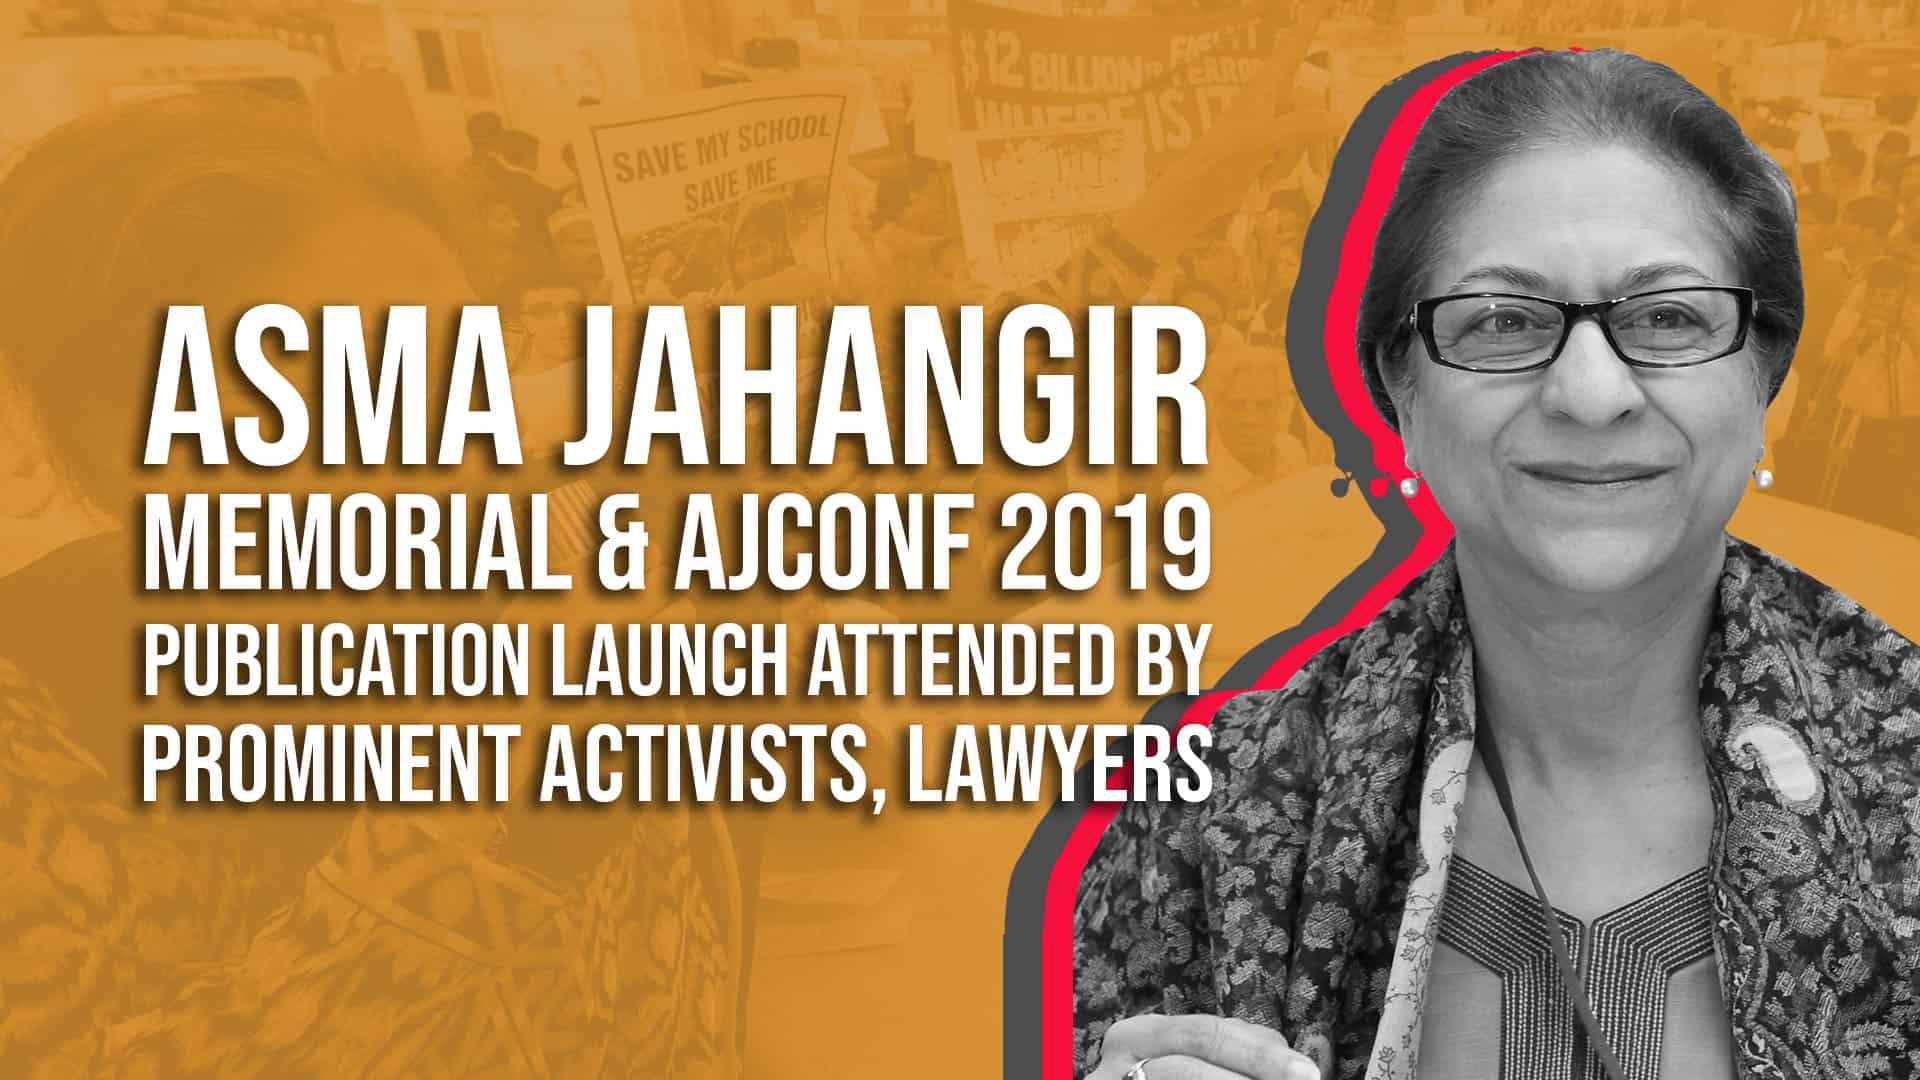 Asma Jahangir Memorial